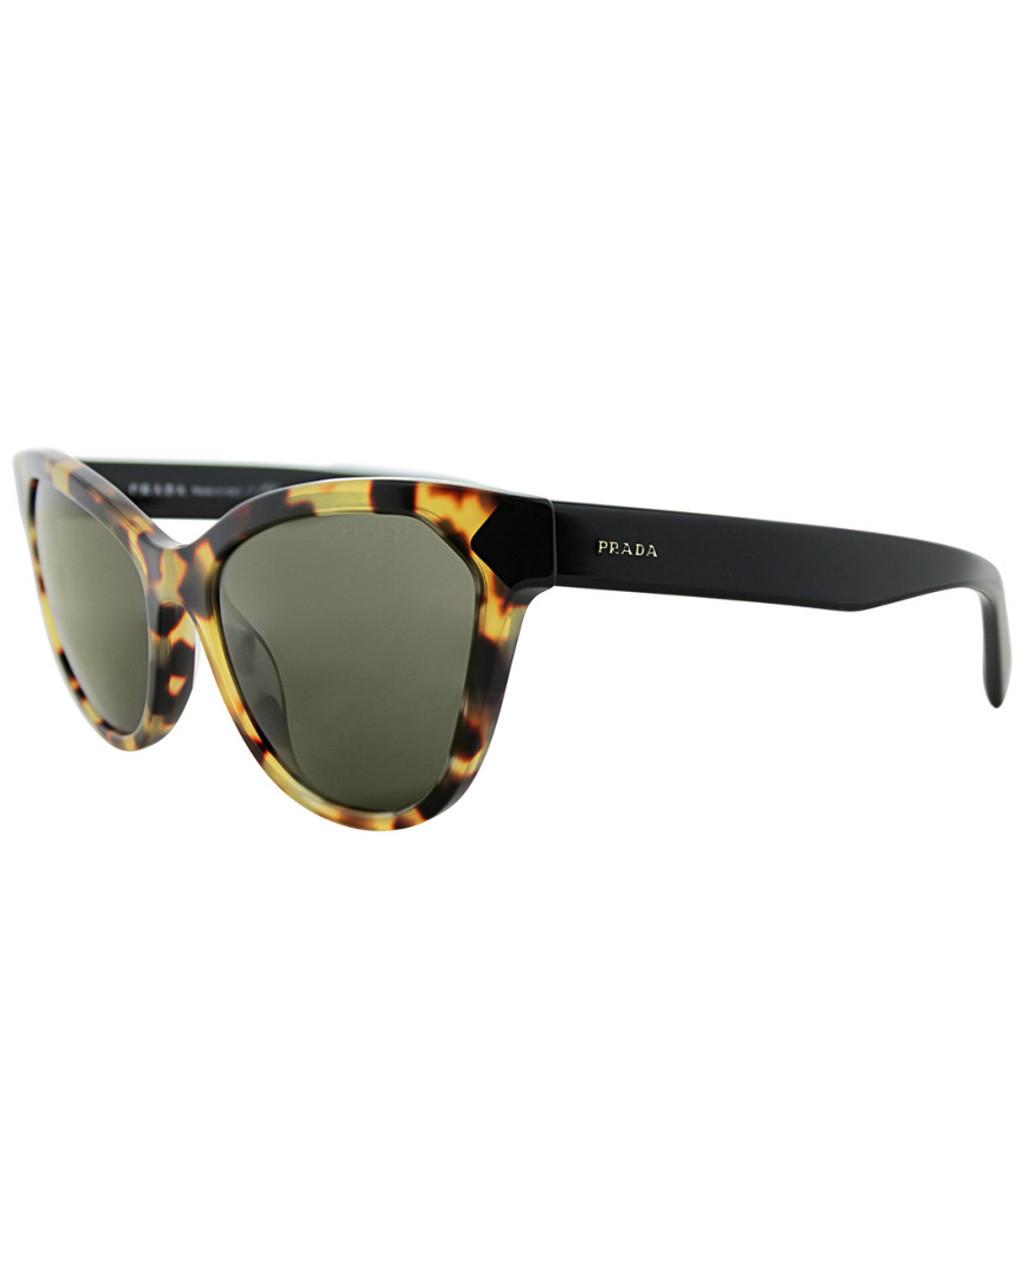 782d1854de Prada Unisex PR 21SS 56mm Sunglasses~1111232497 - Carsons